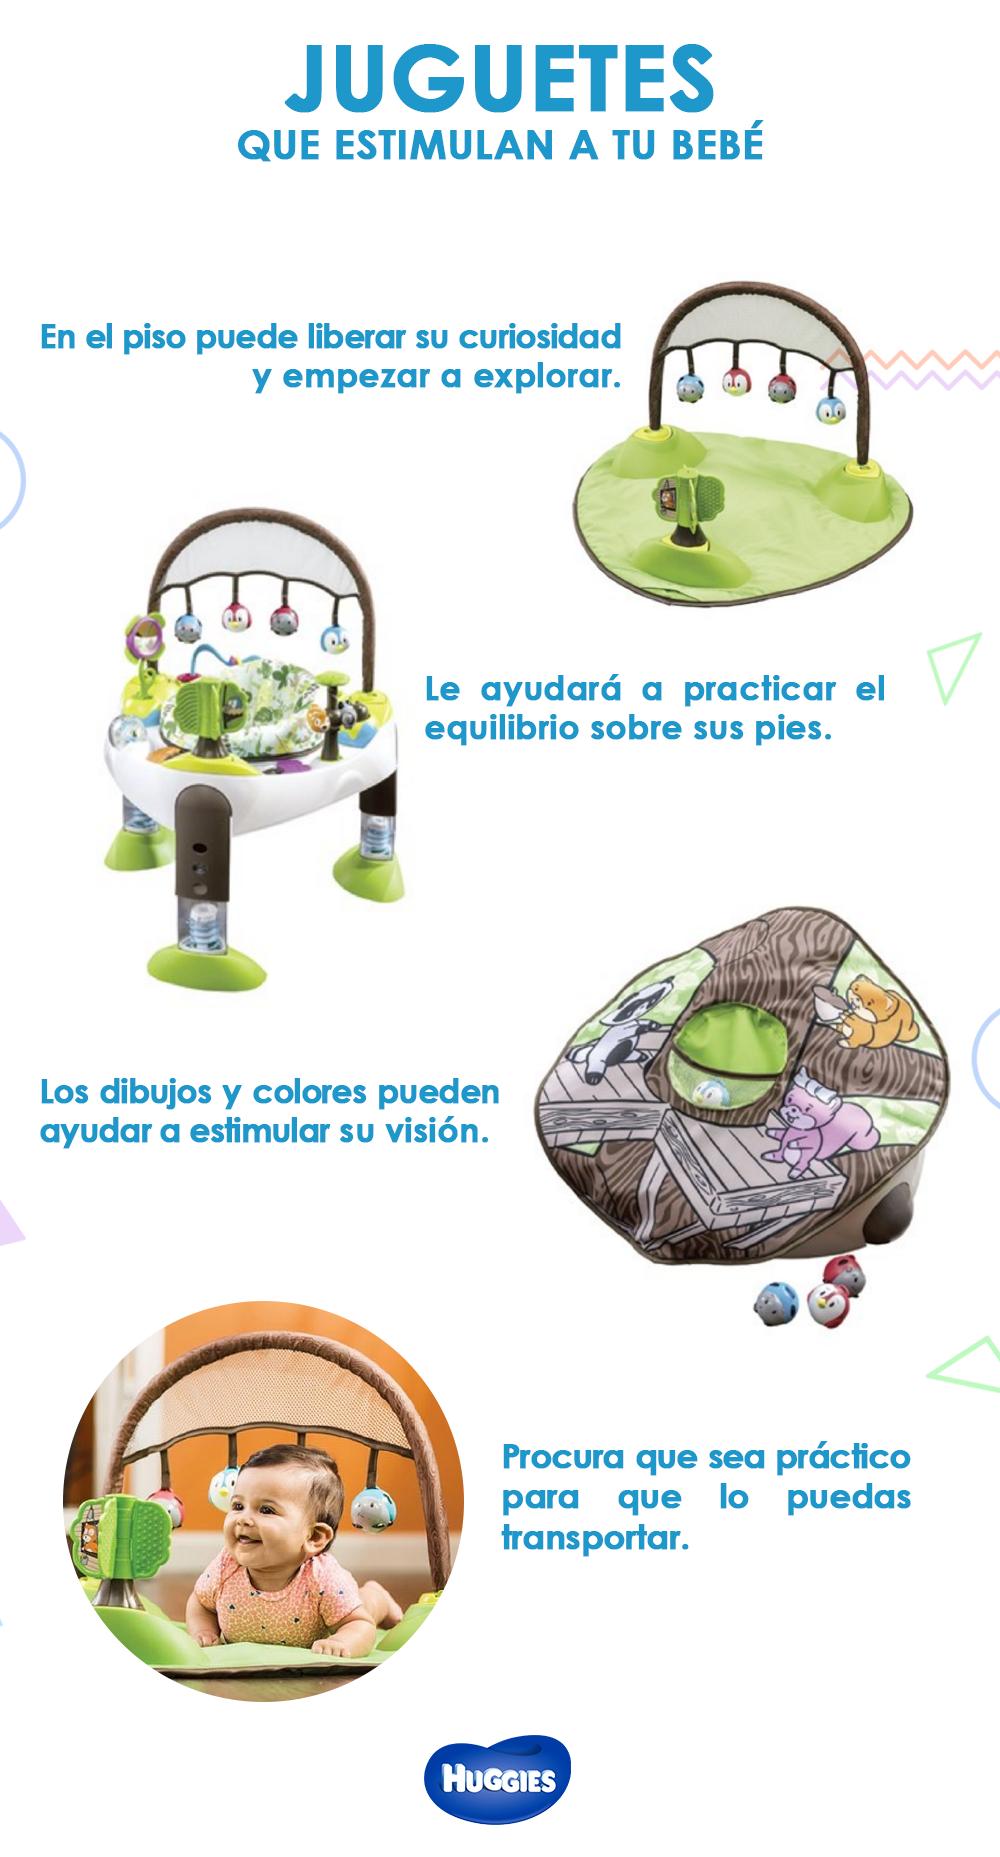 escalador | Ejercitador para bebés | Pinterest